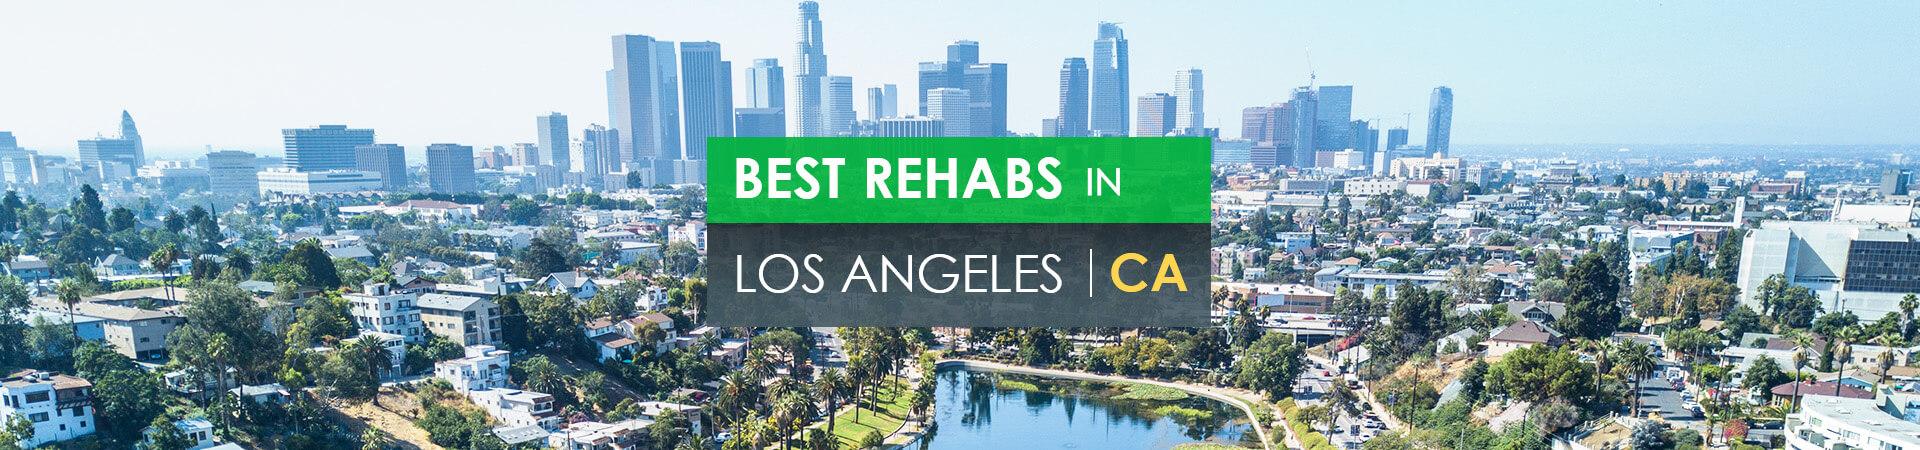 Best rehabs in Los Angeles, CA